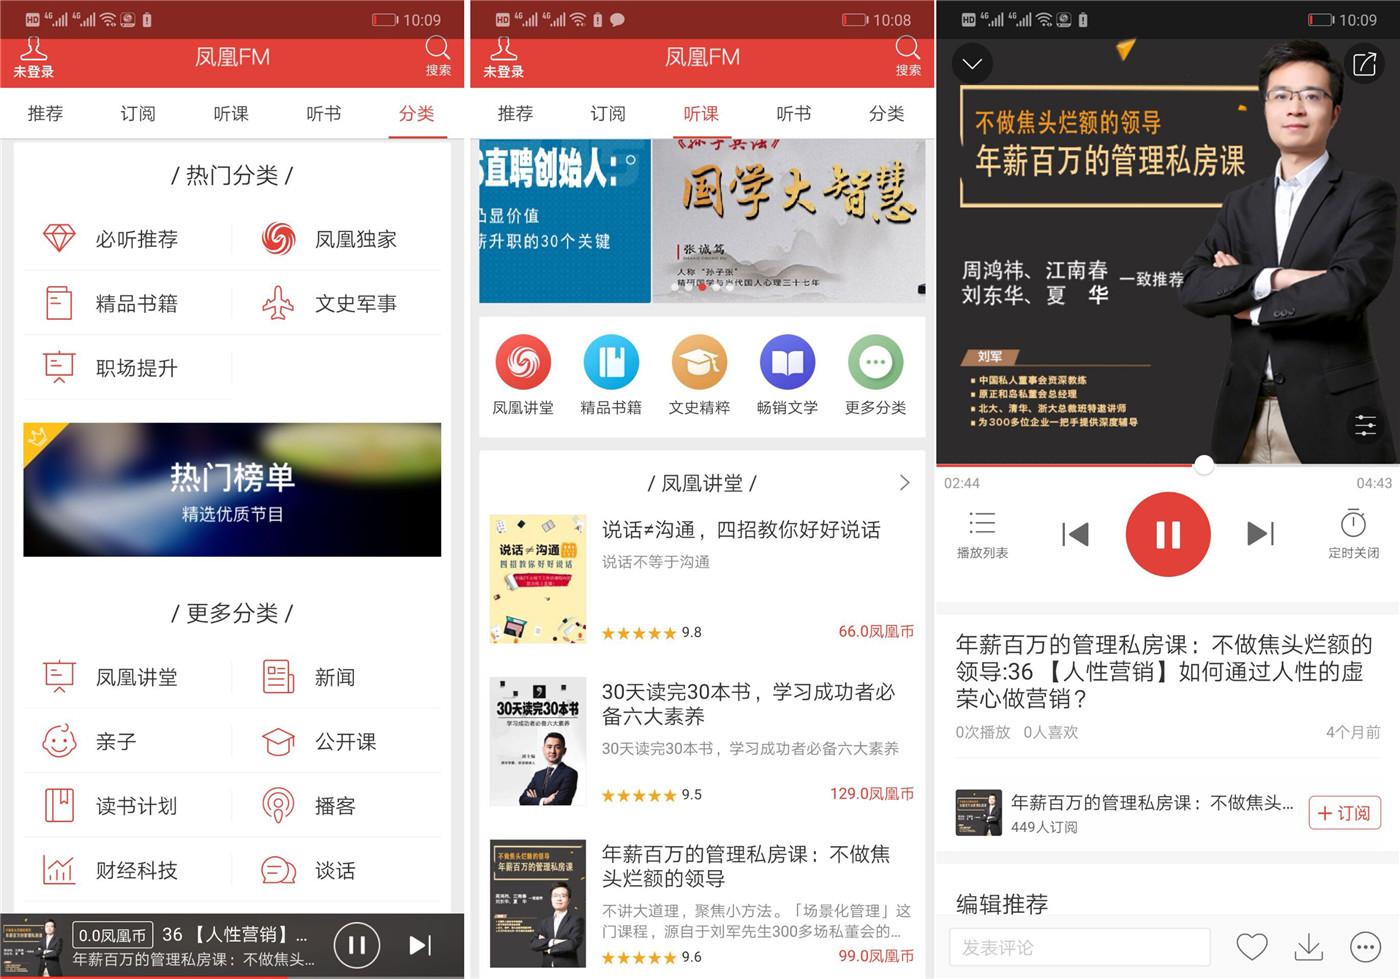 安卓凤凰FM v7.3.3破解版